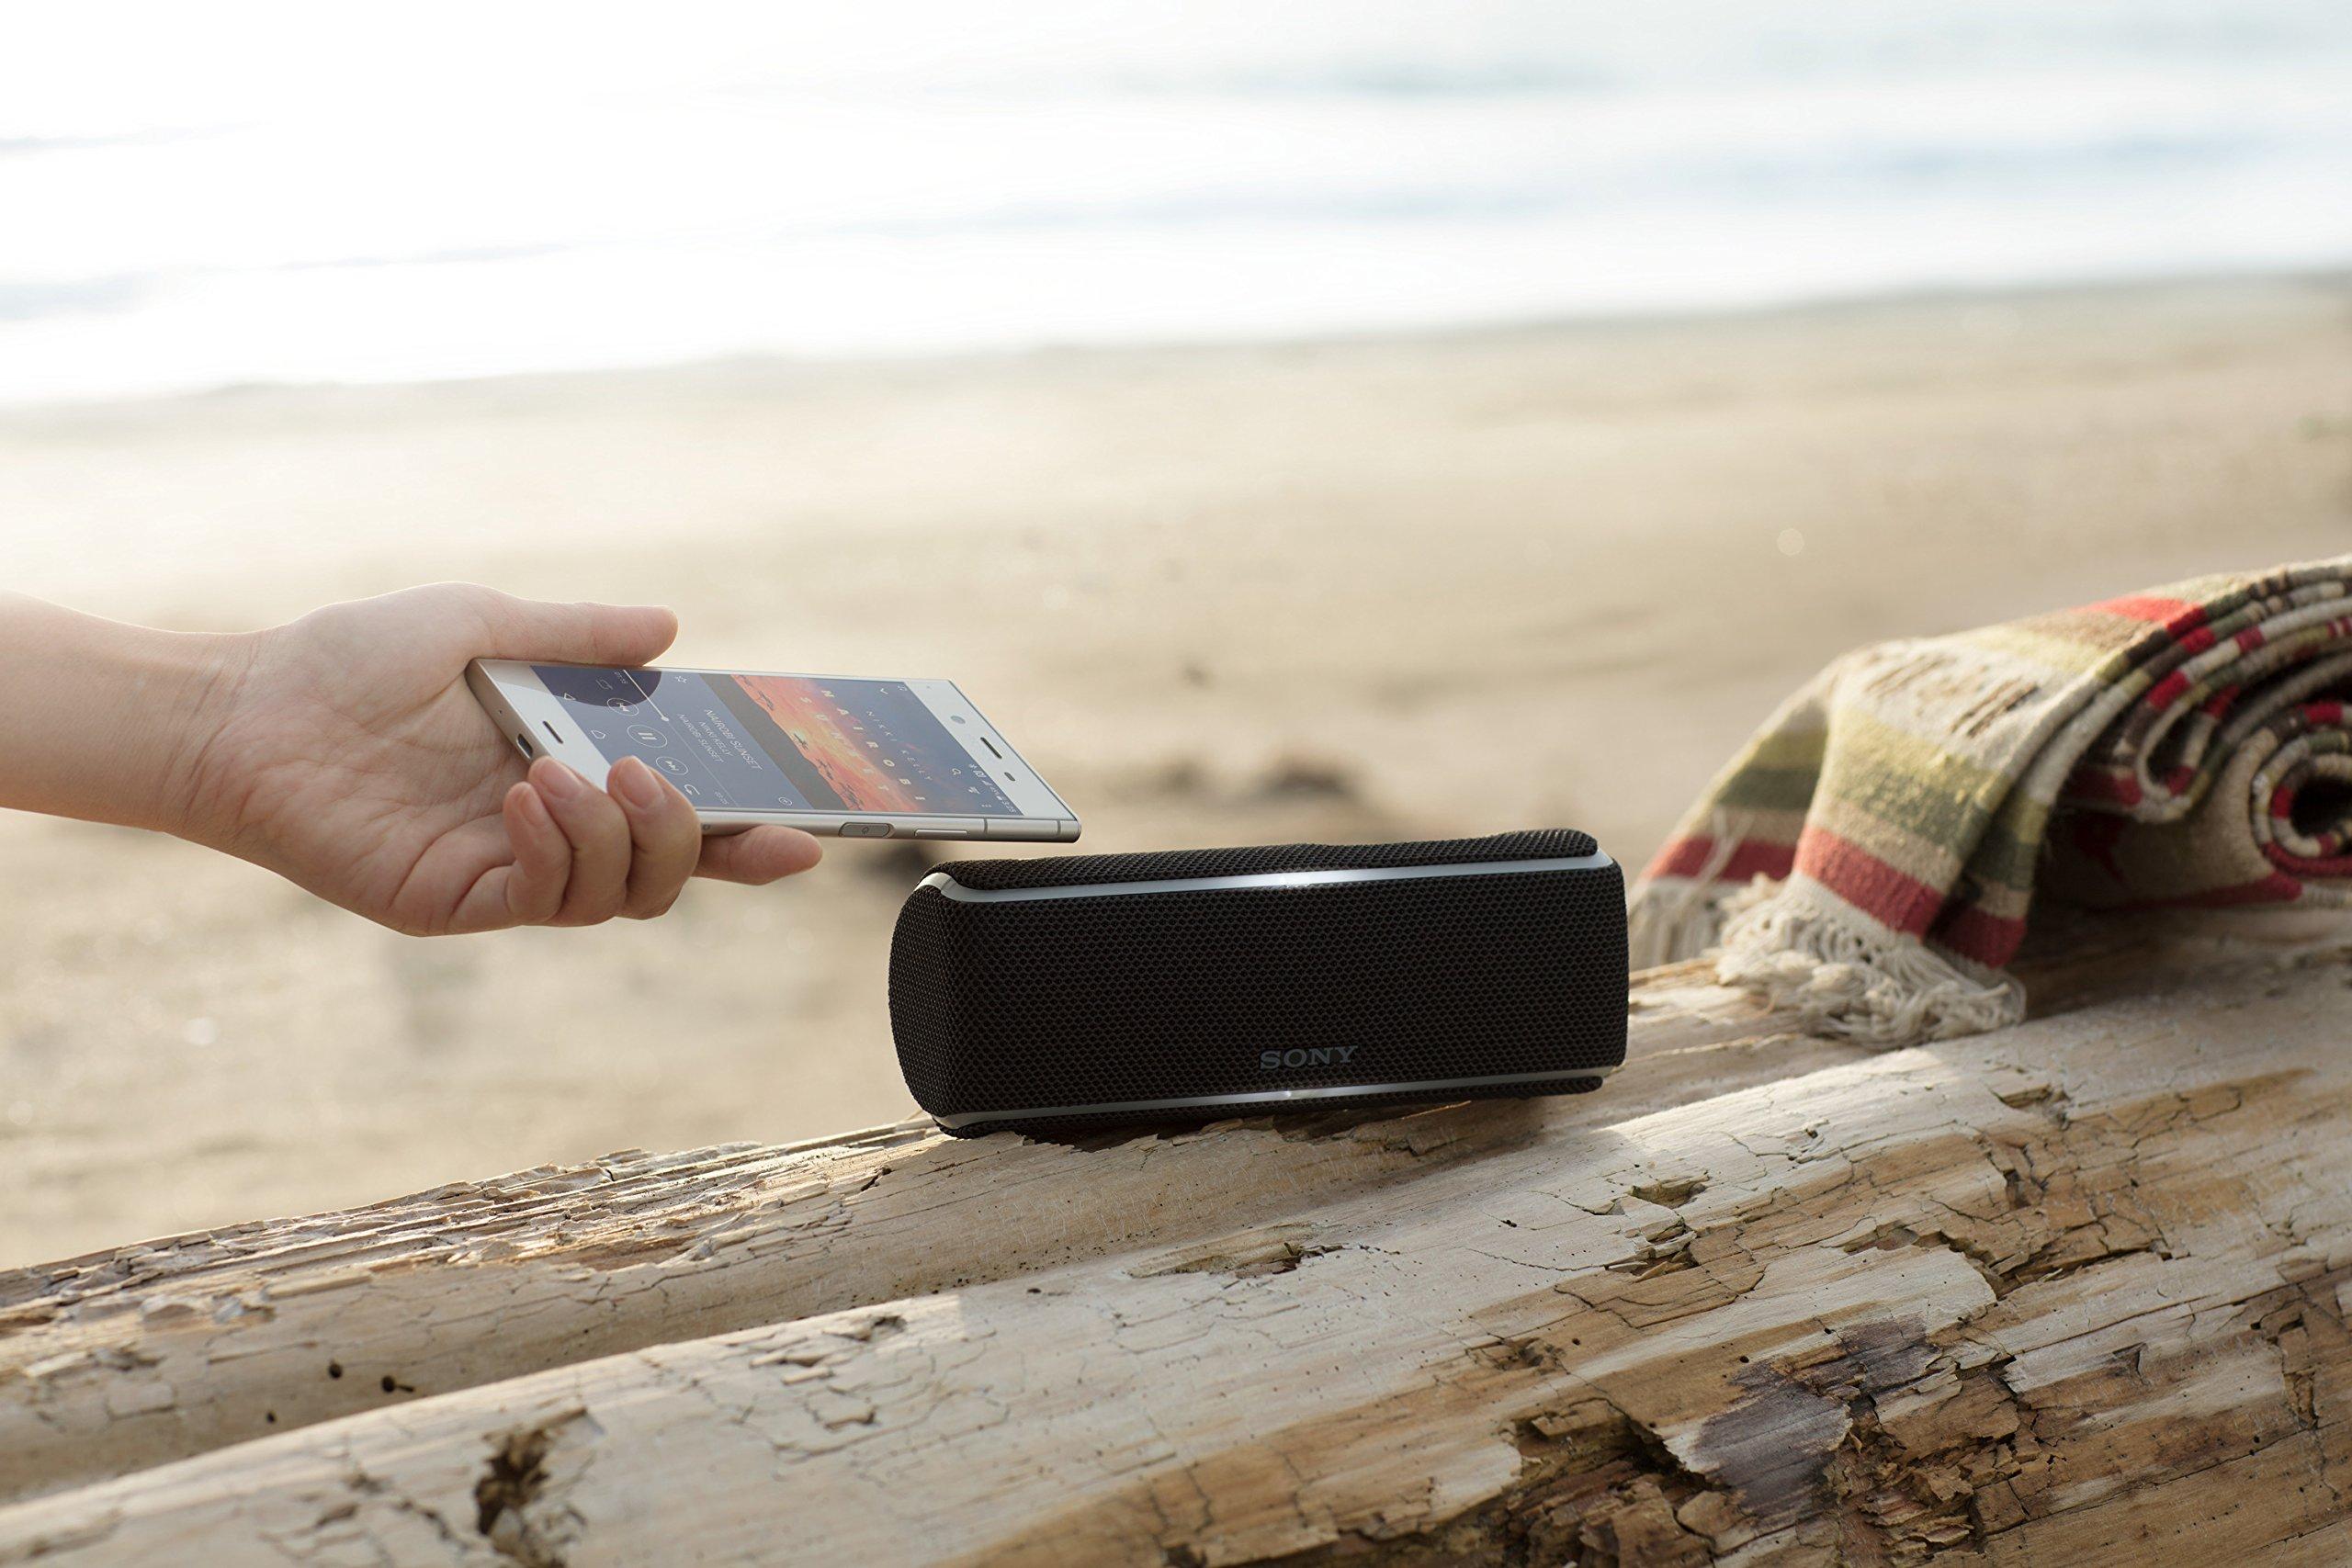 Sony Portable Wireless Waterproof Speaker 8